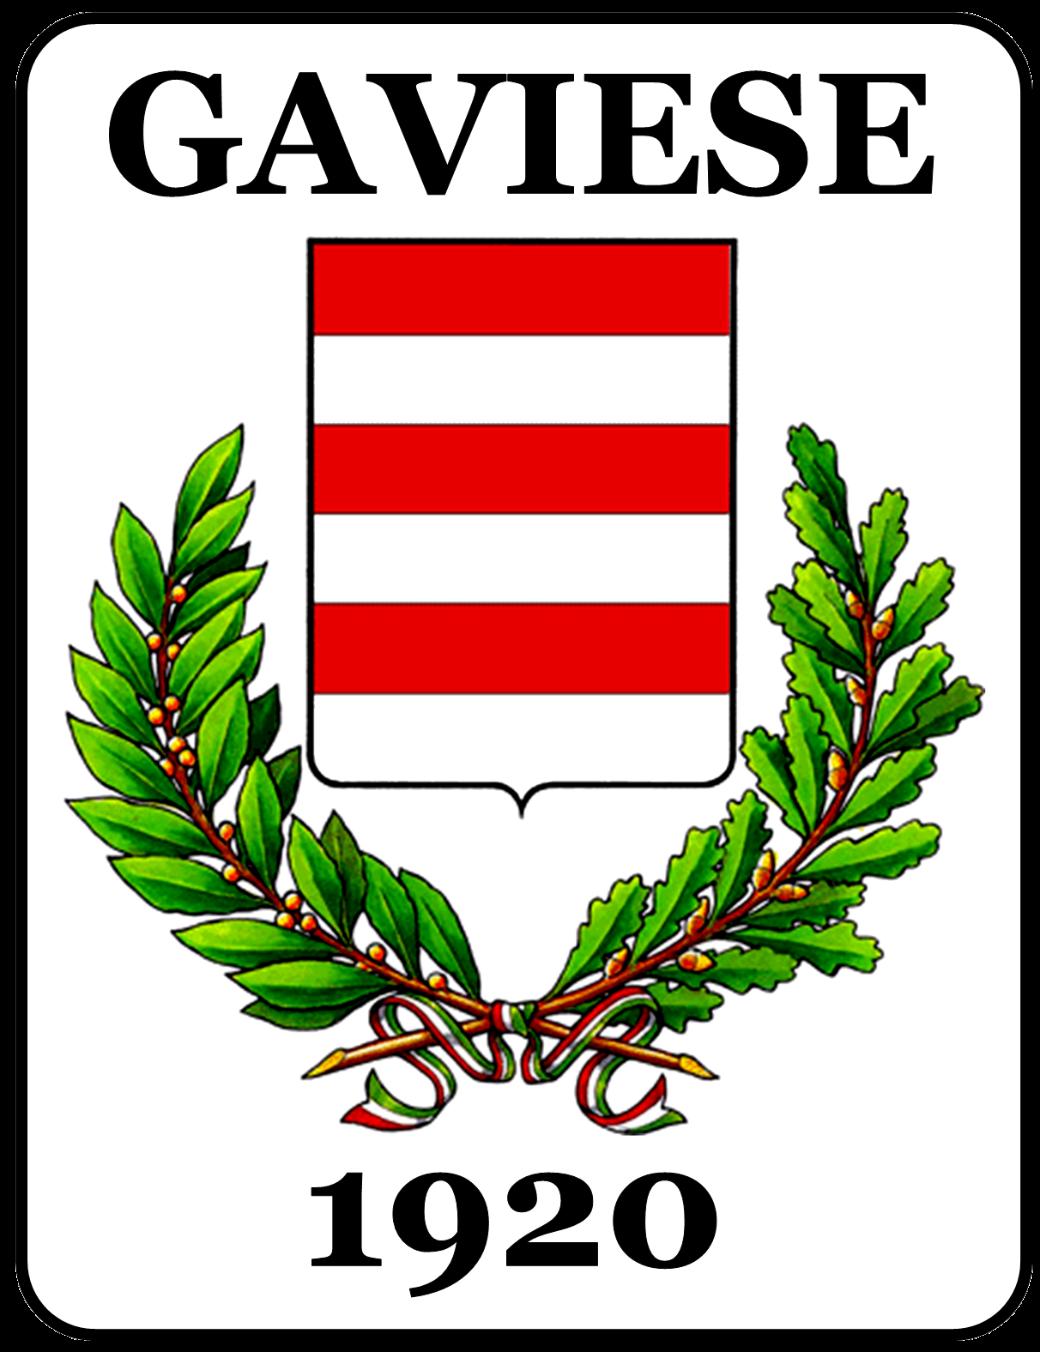 Gaviese